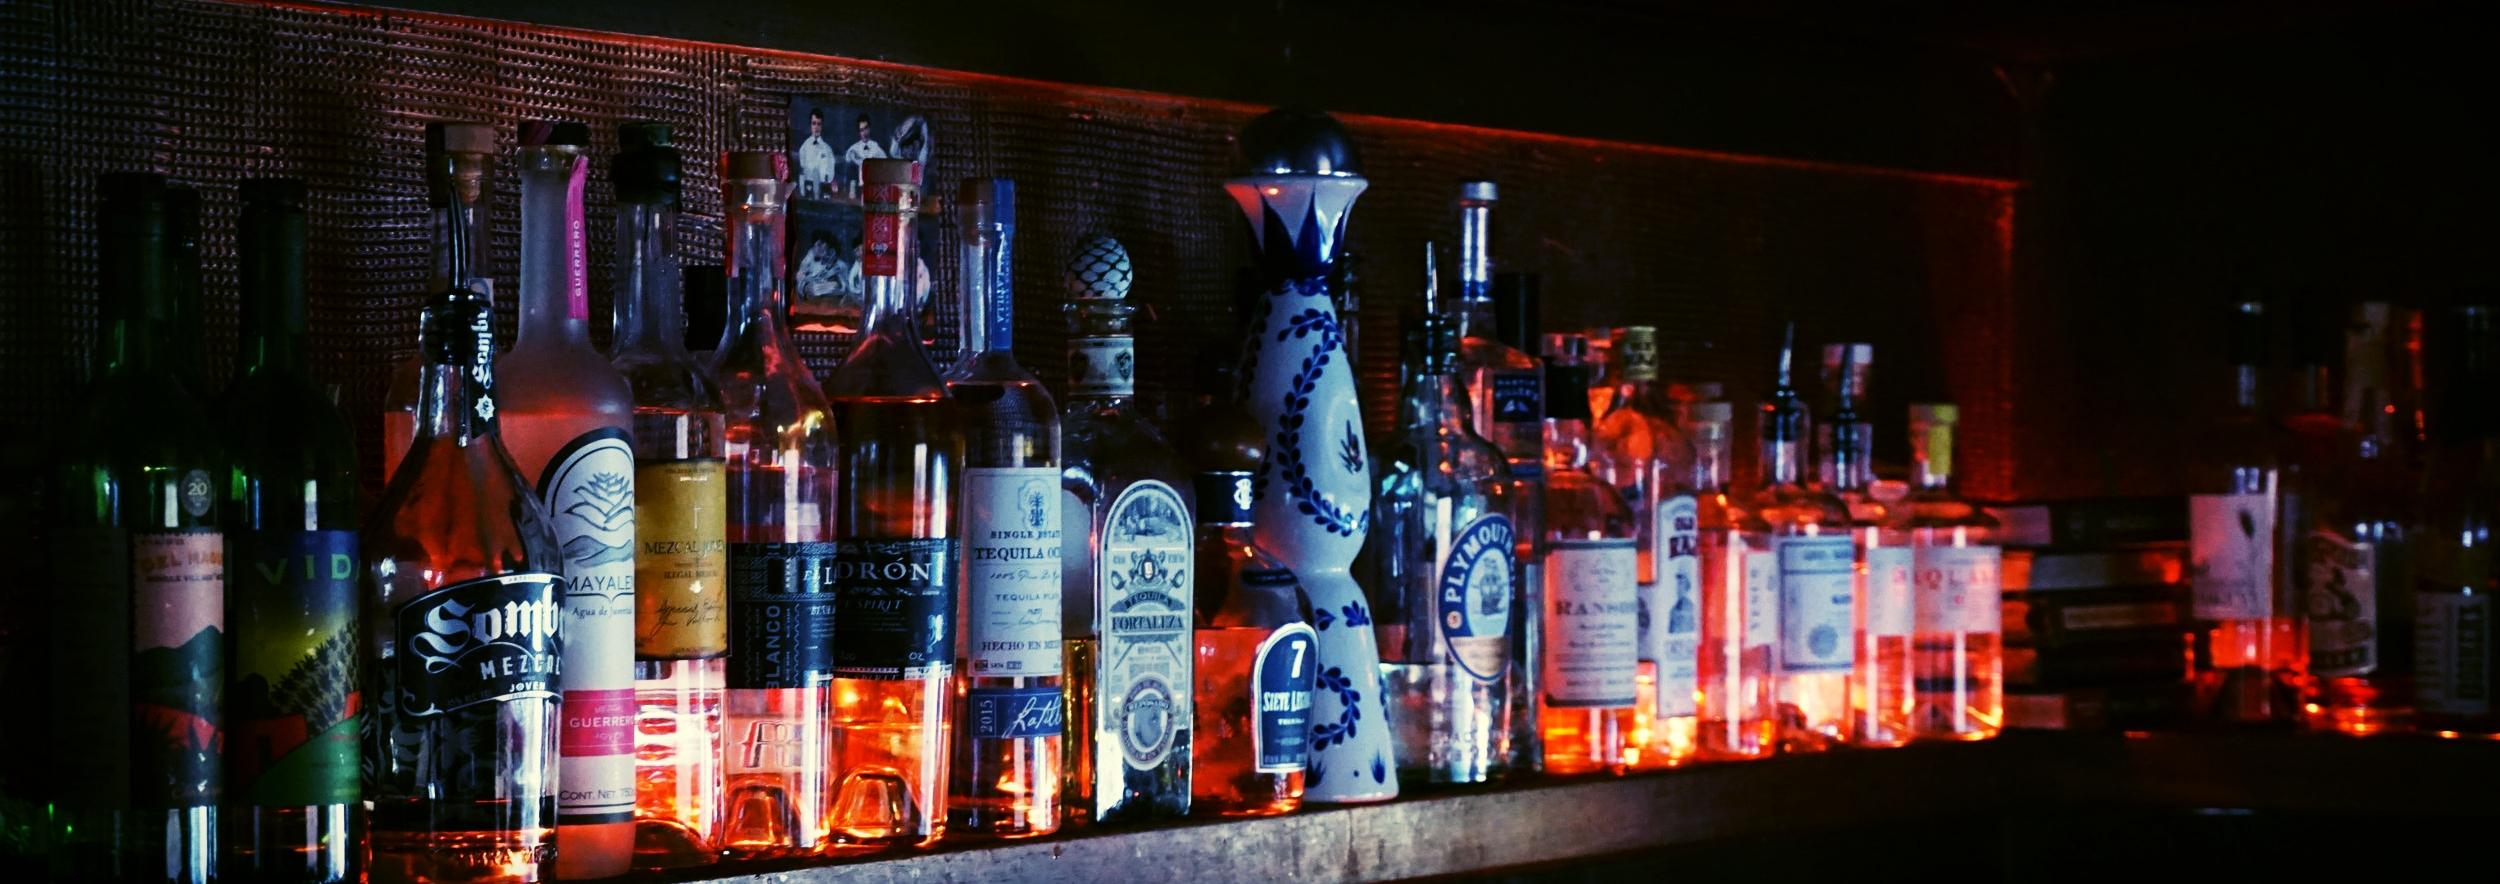 Spirits — 515 Kitchen & Cocktails